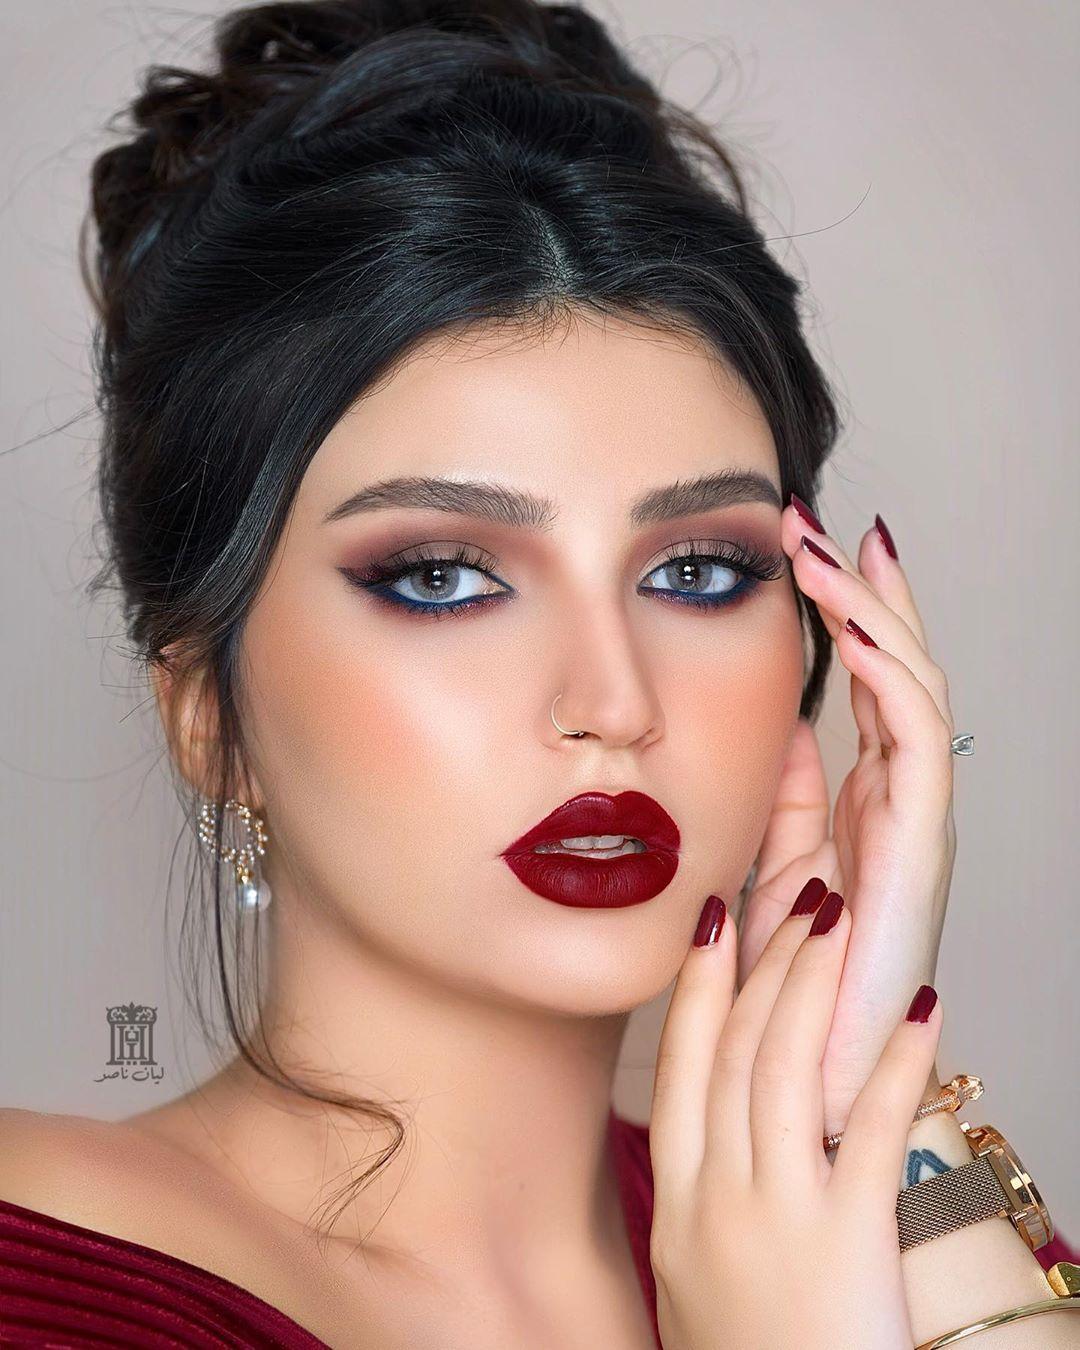 Lyan Nasser ليان ناصر On Instagram مساء الـ وحشتوني من بعد هالغيبة رجعت لكم بلوك غريب كحل ازرق مع ايلاينر قلتري ملون وروج Beauty Make Up Makeup